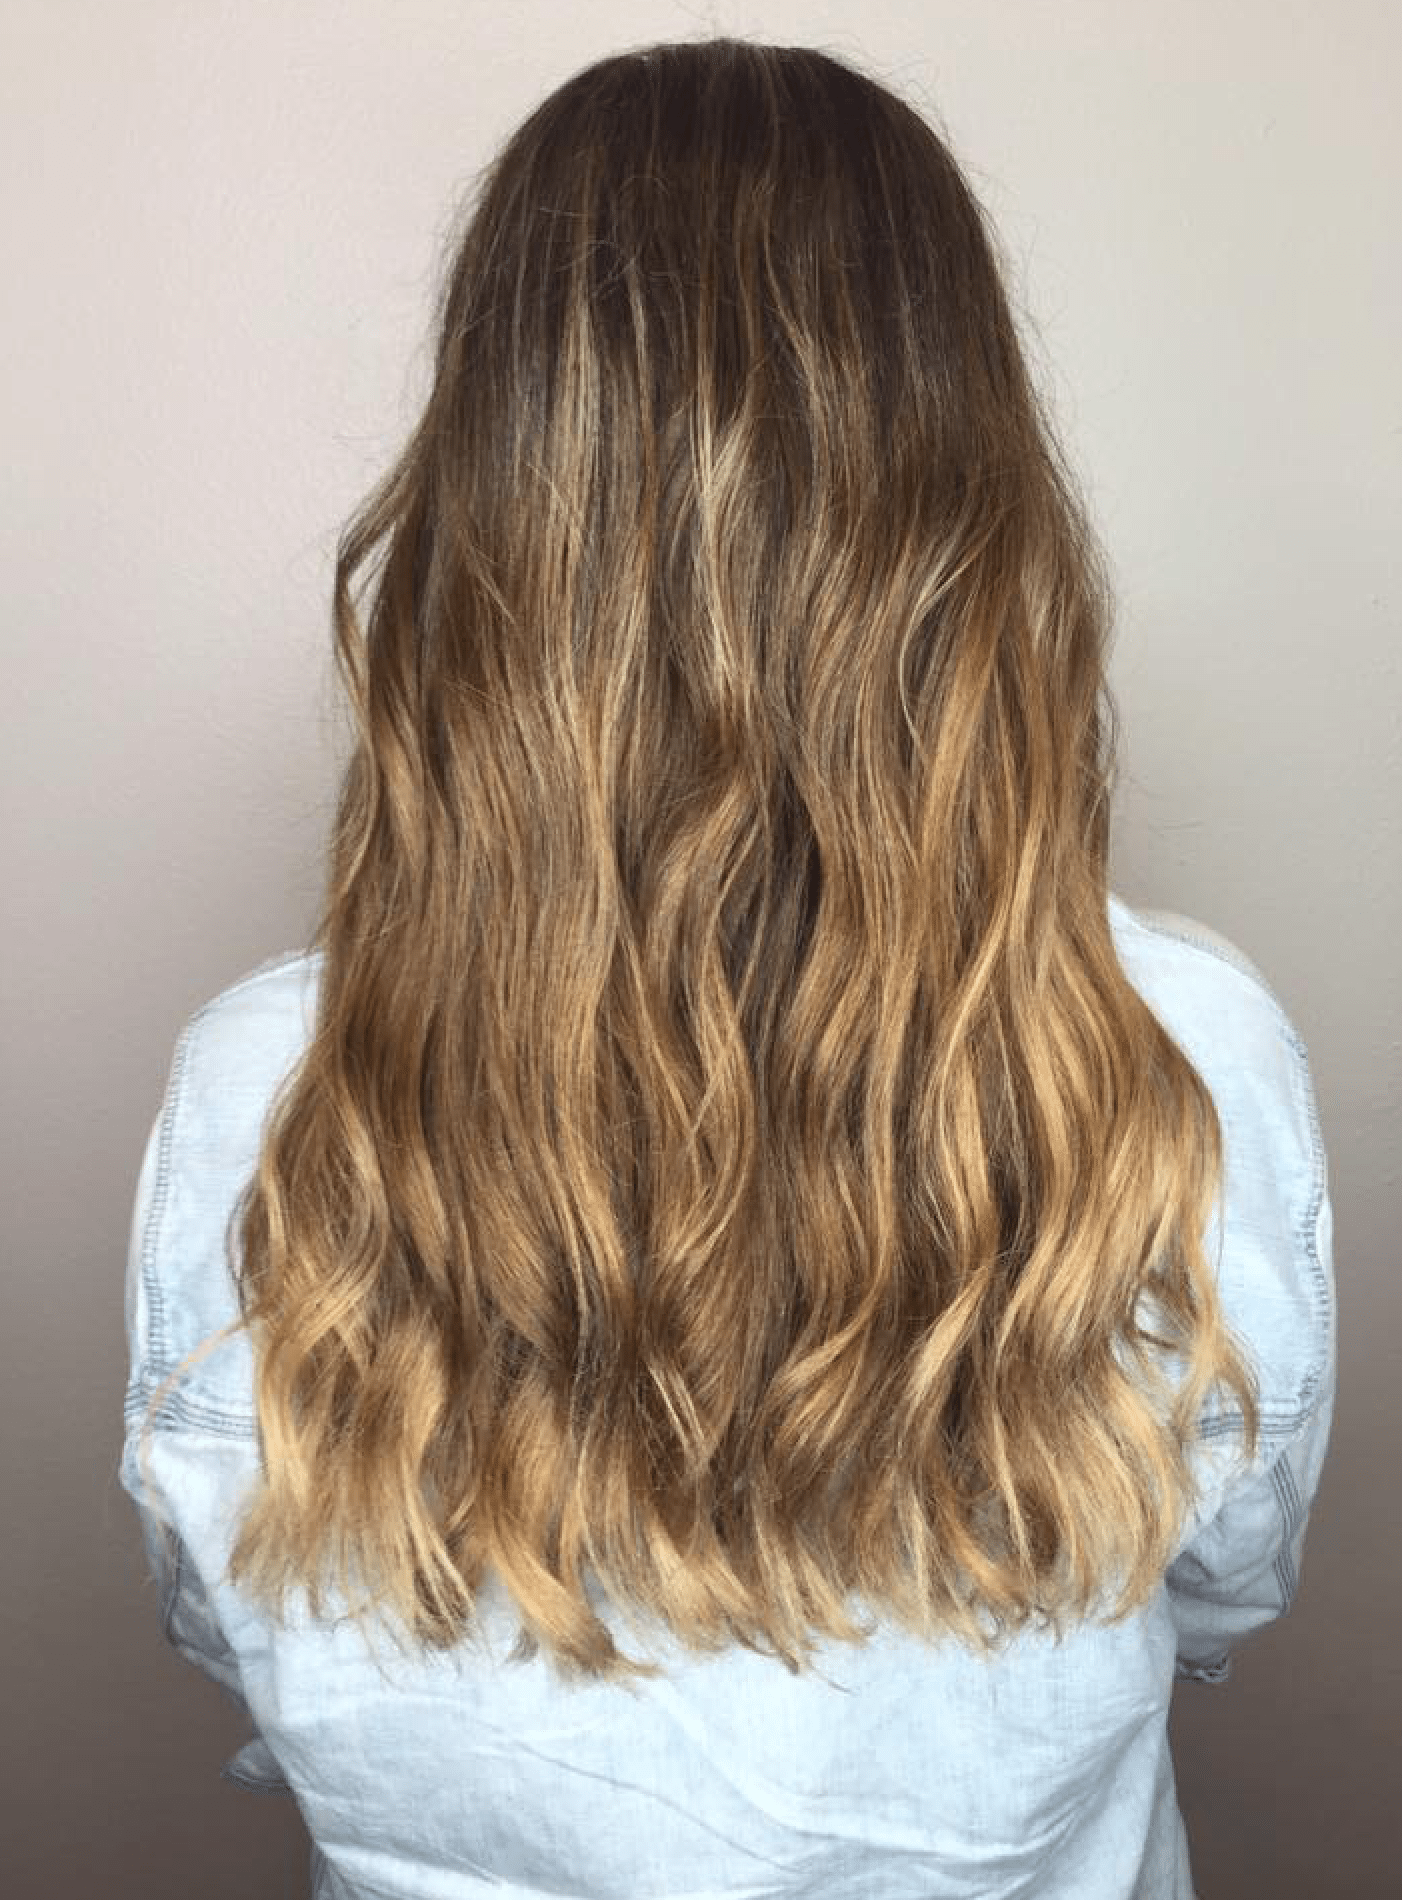 Long, shiny, wavy hair